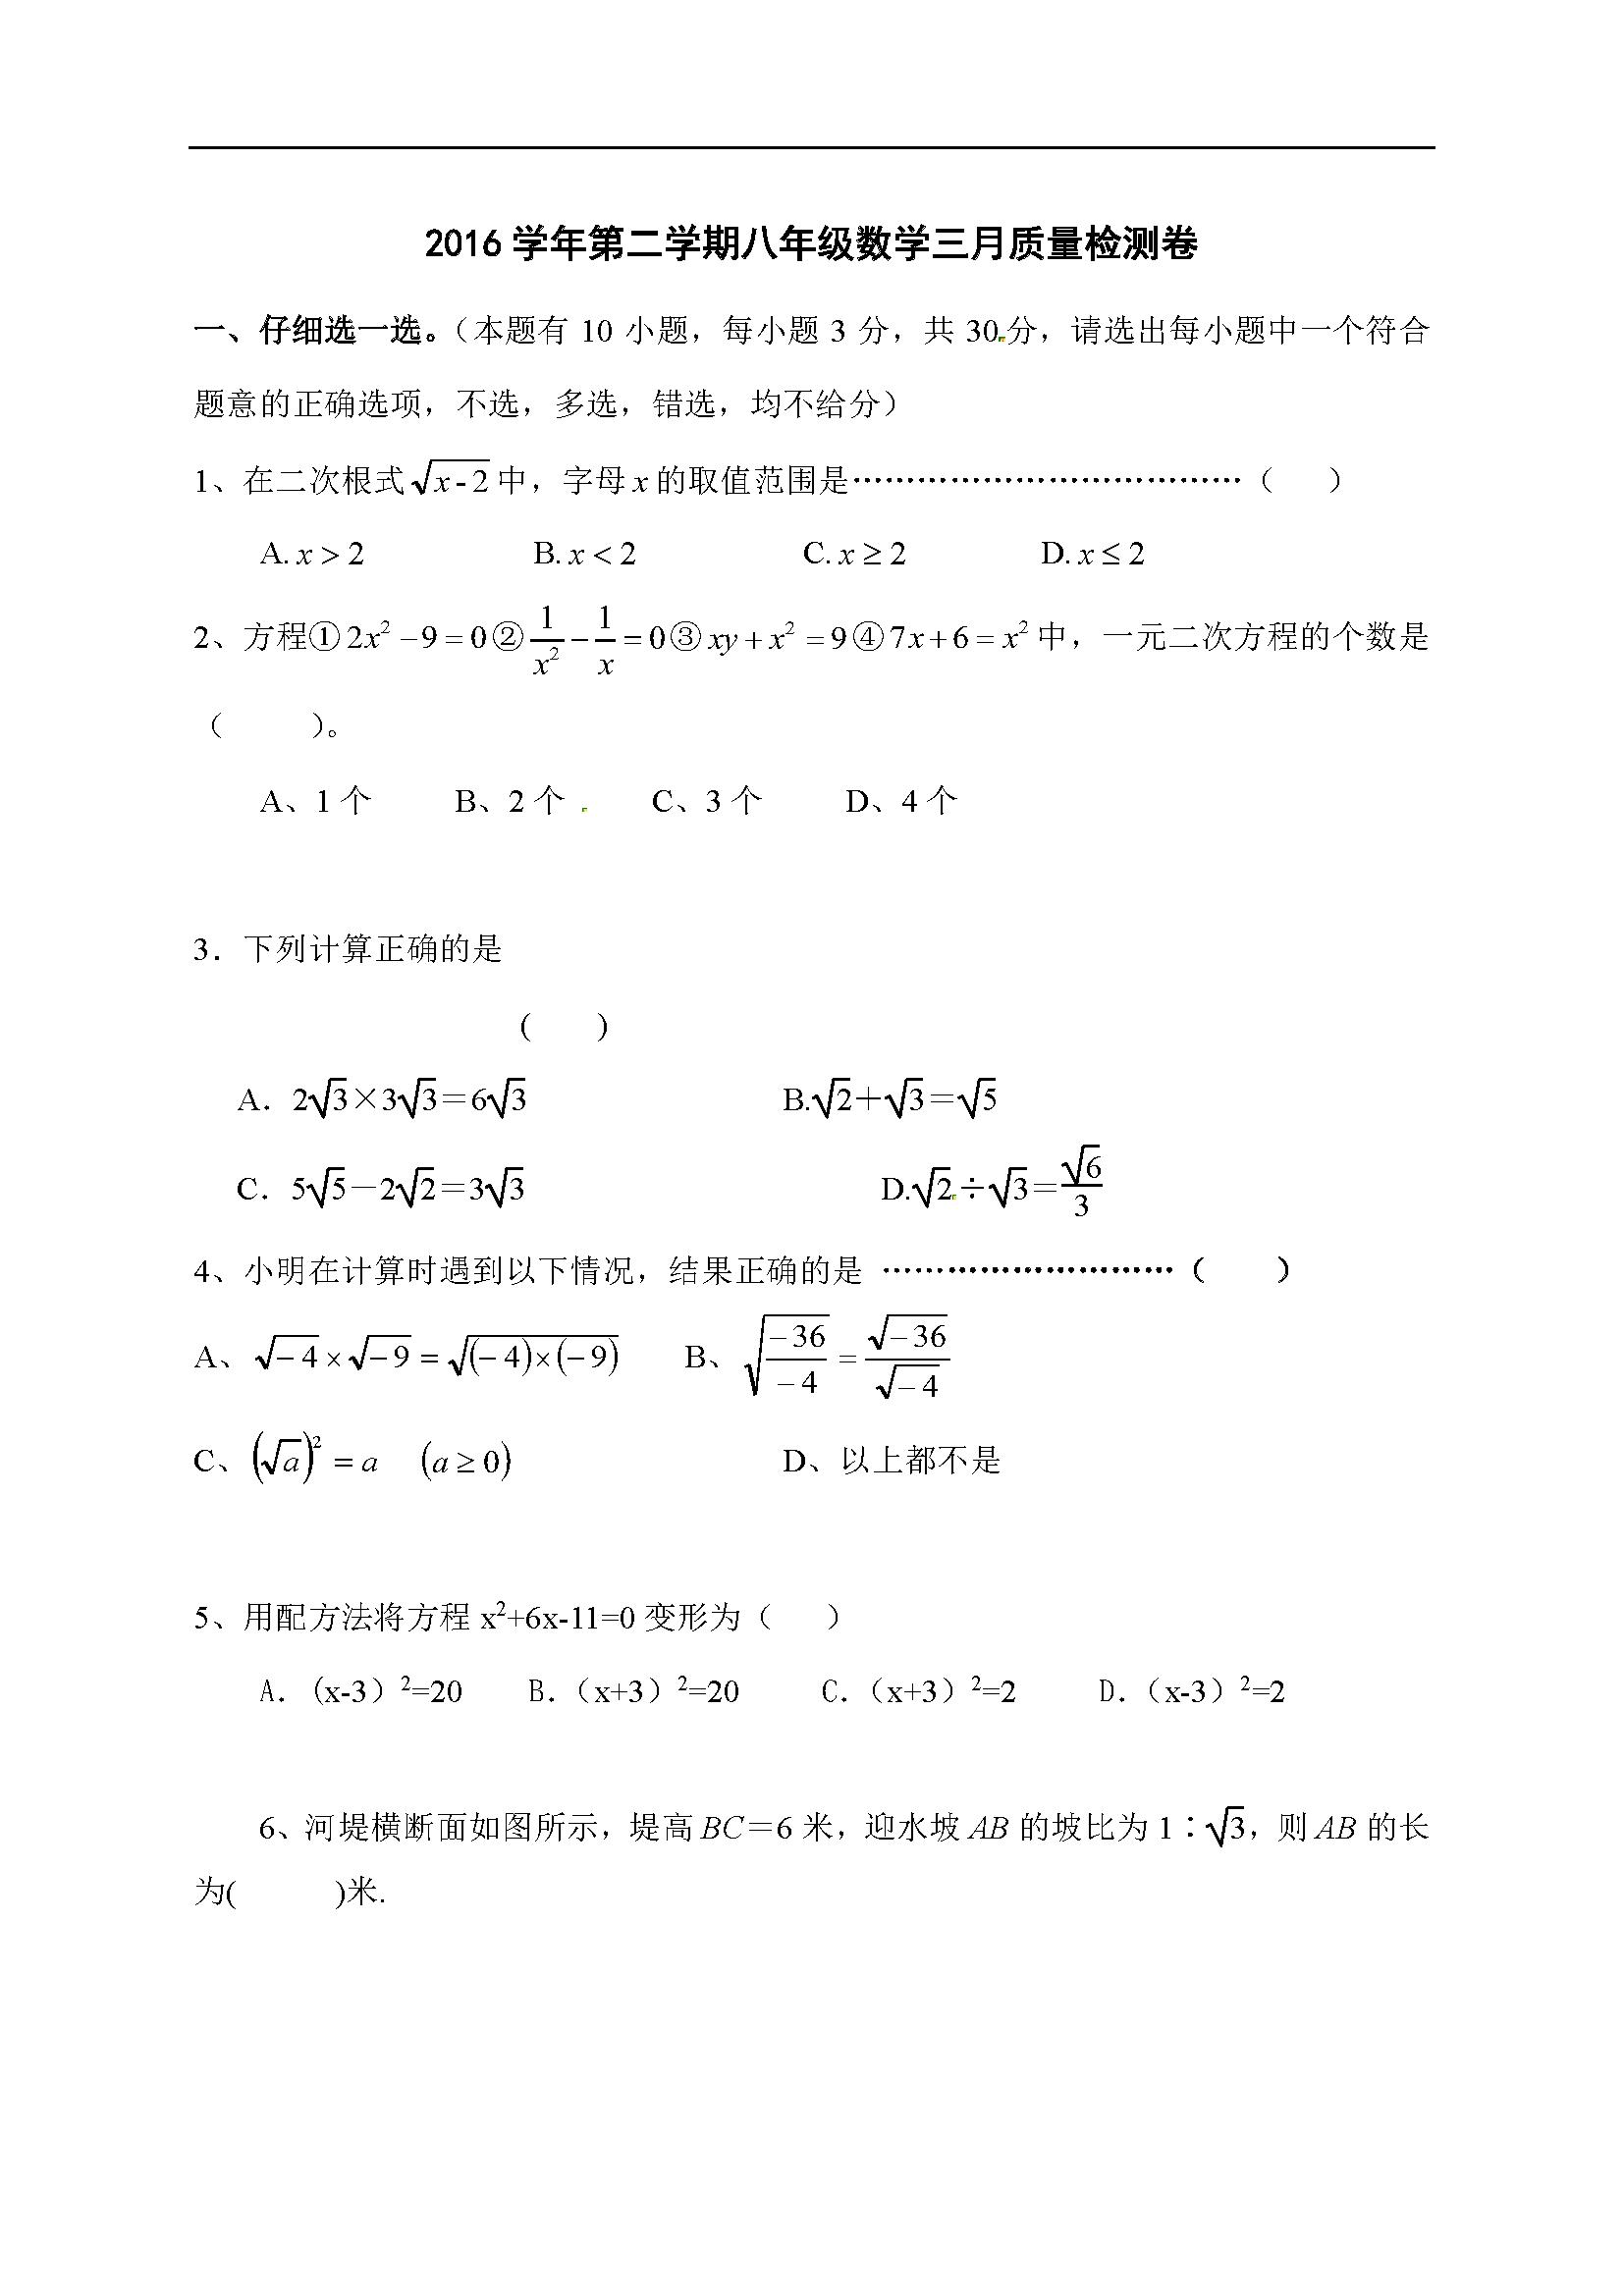 2017浙江杭州春蕾中学八年级3月月考数学试题(图片版)